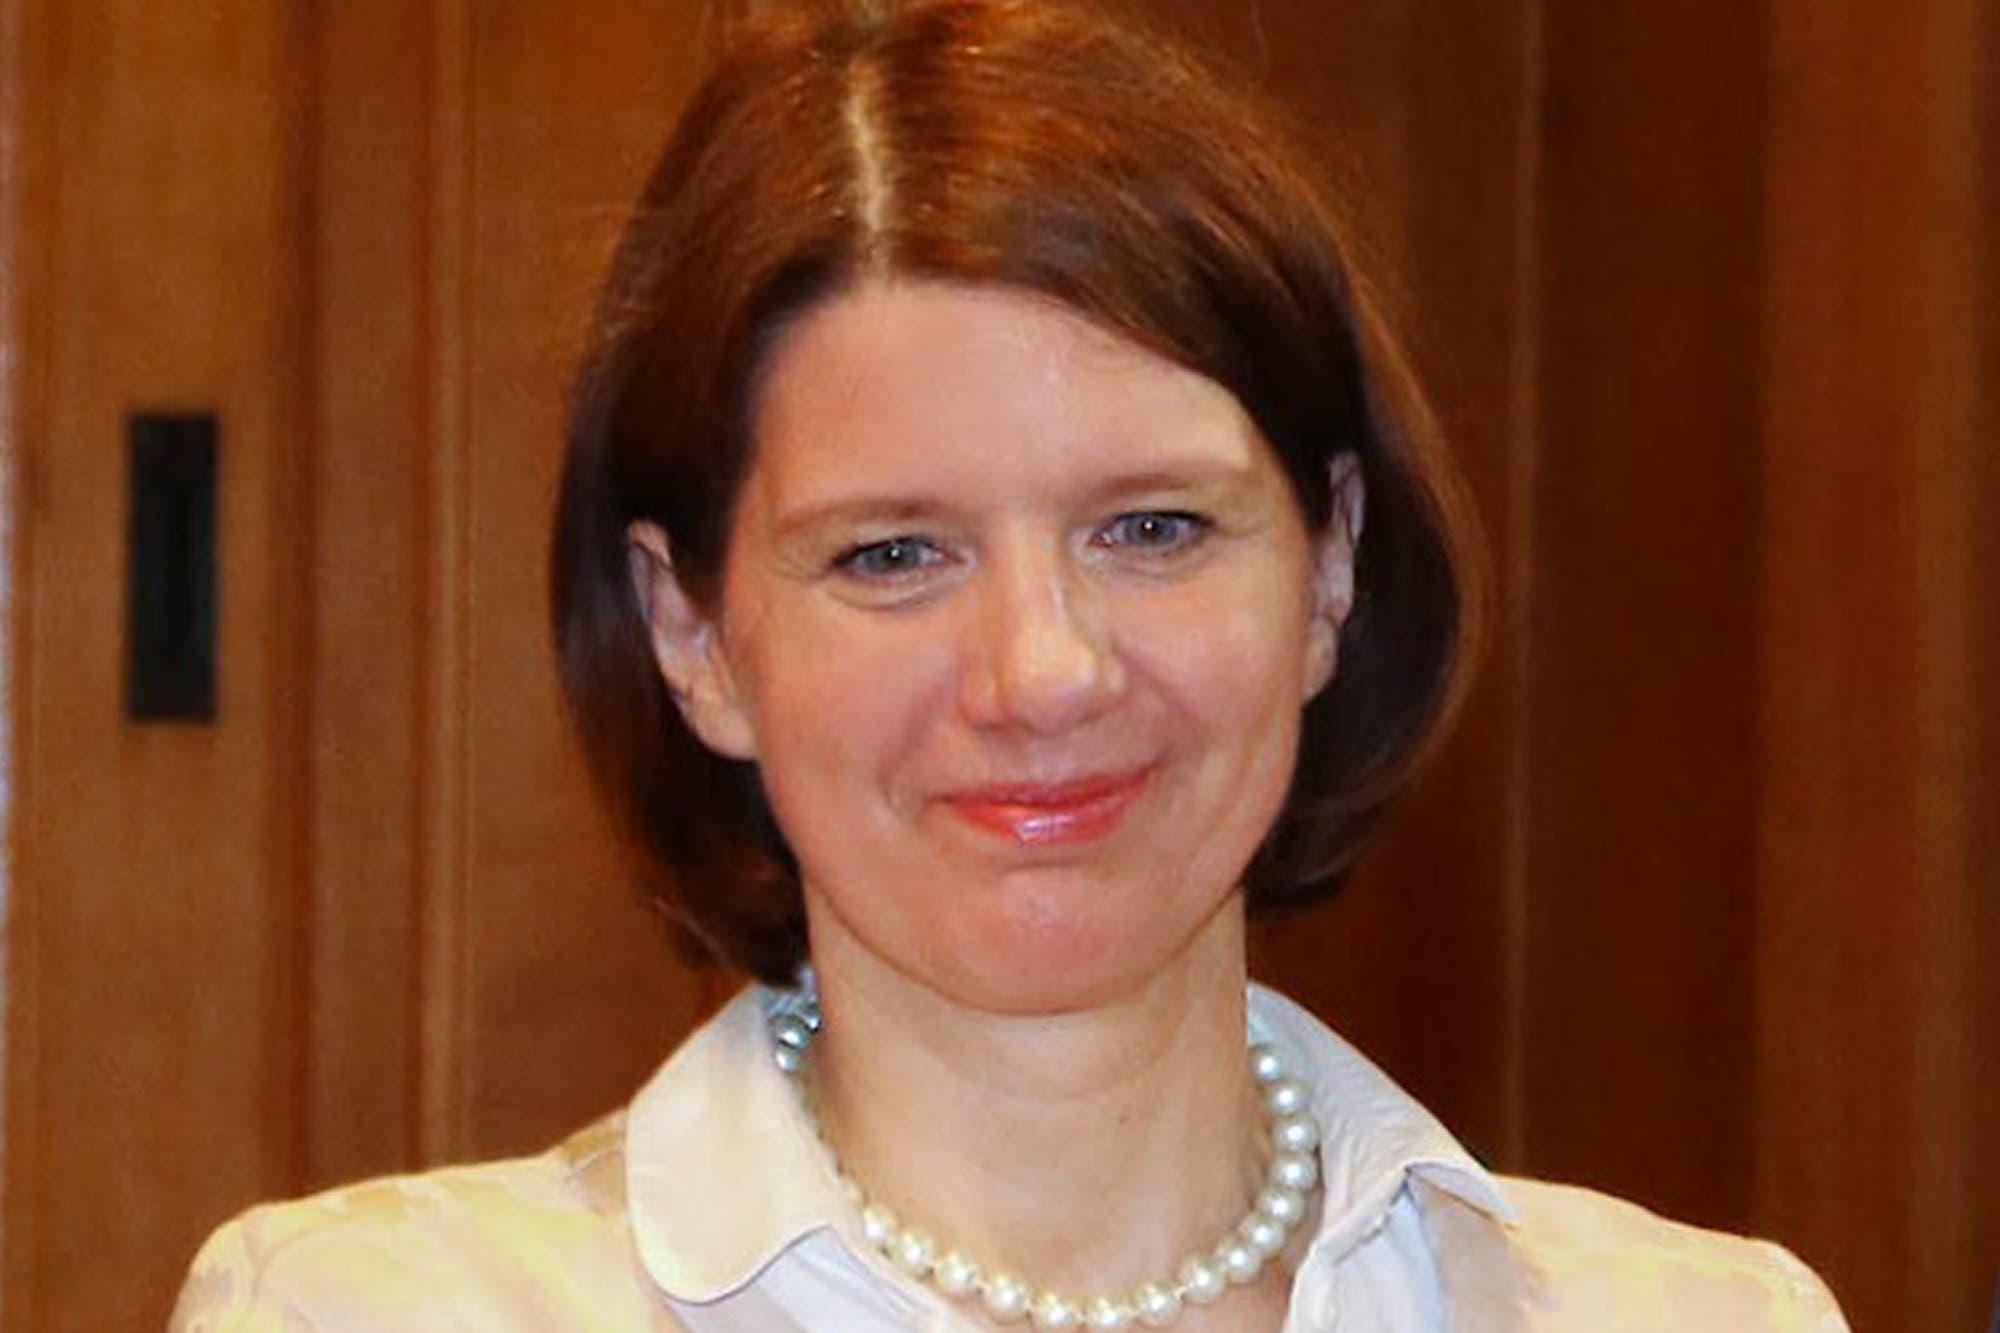 Una mujer dirigirá el espionaje militar de Alemania